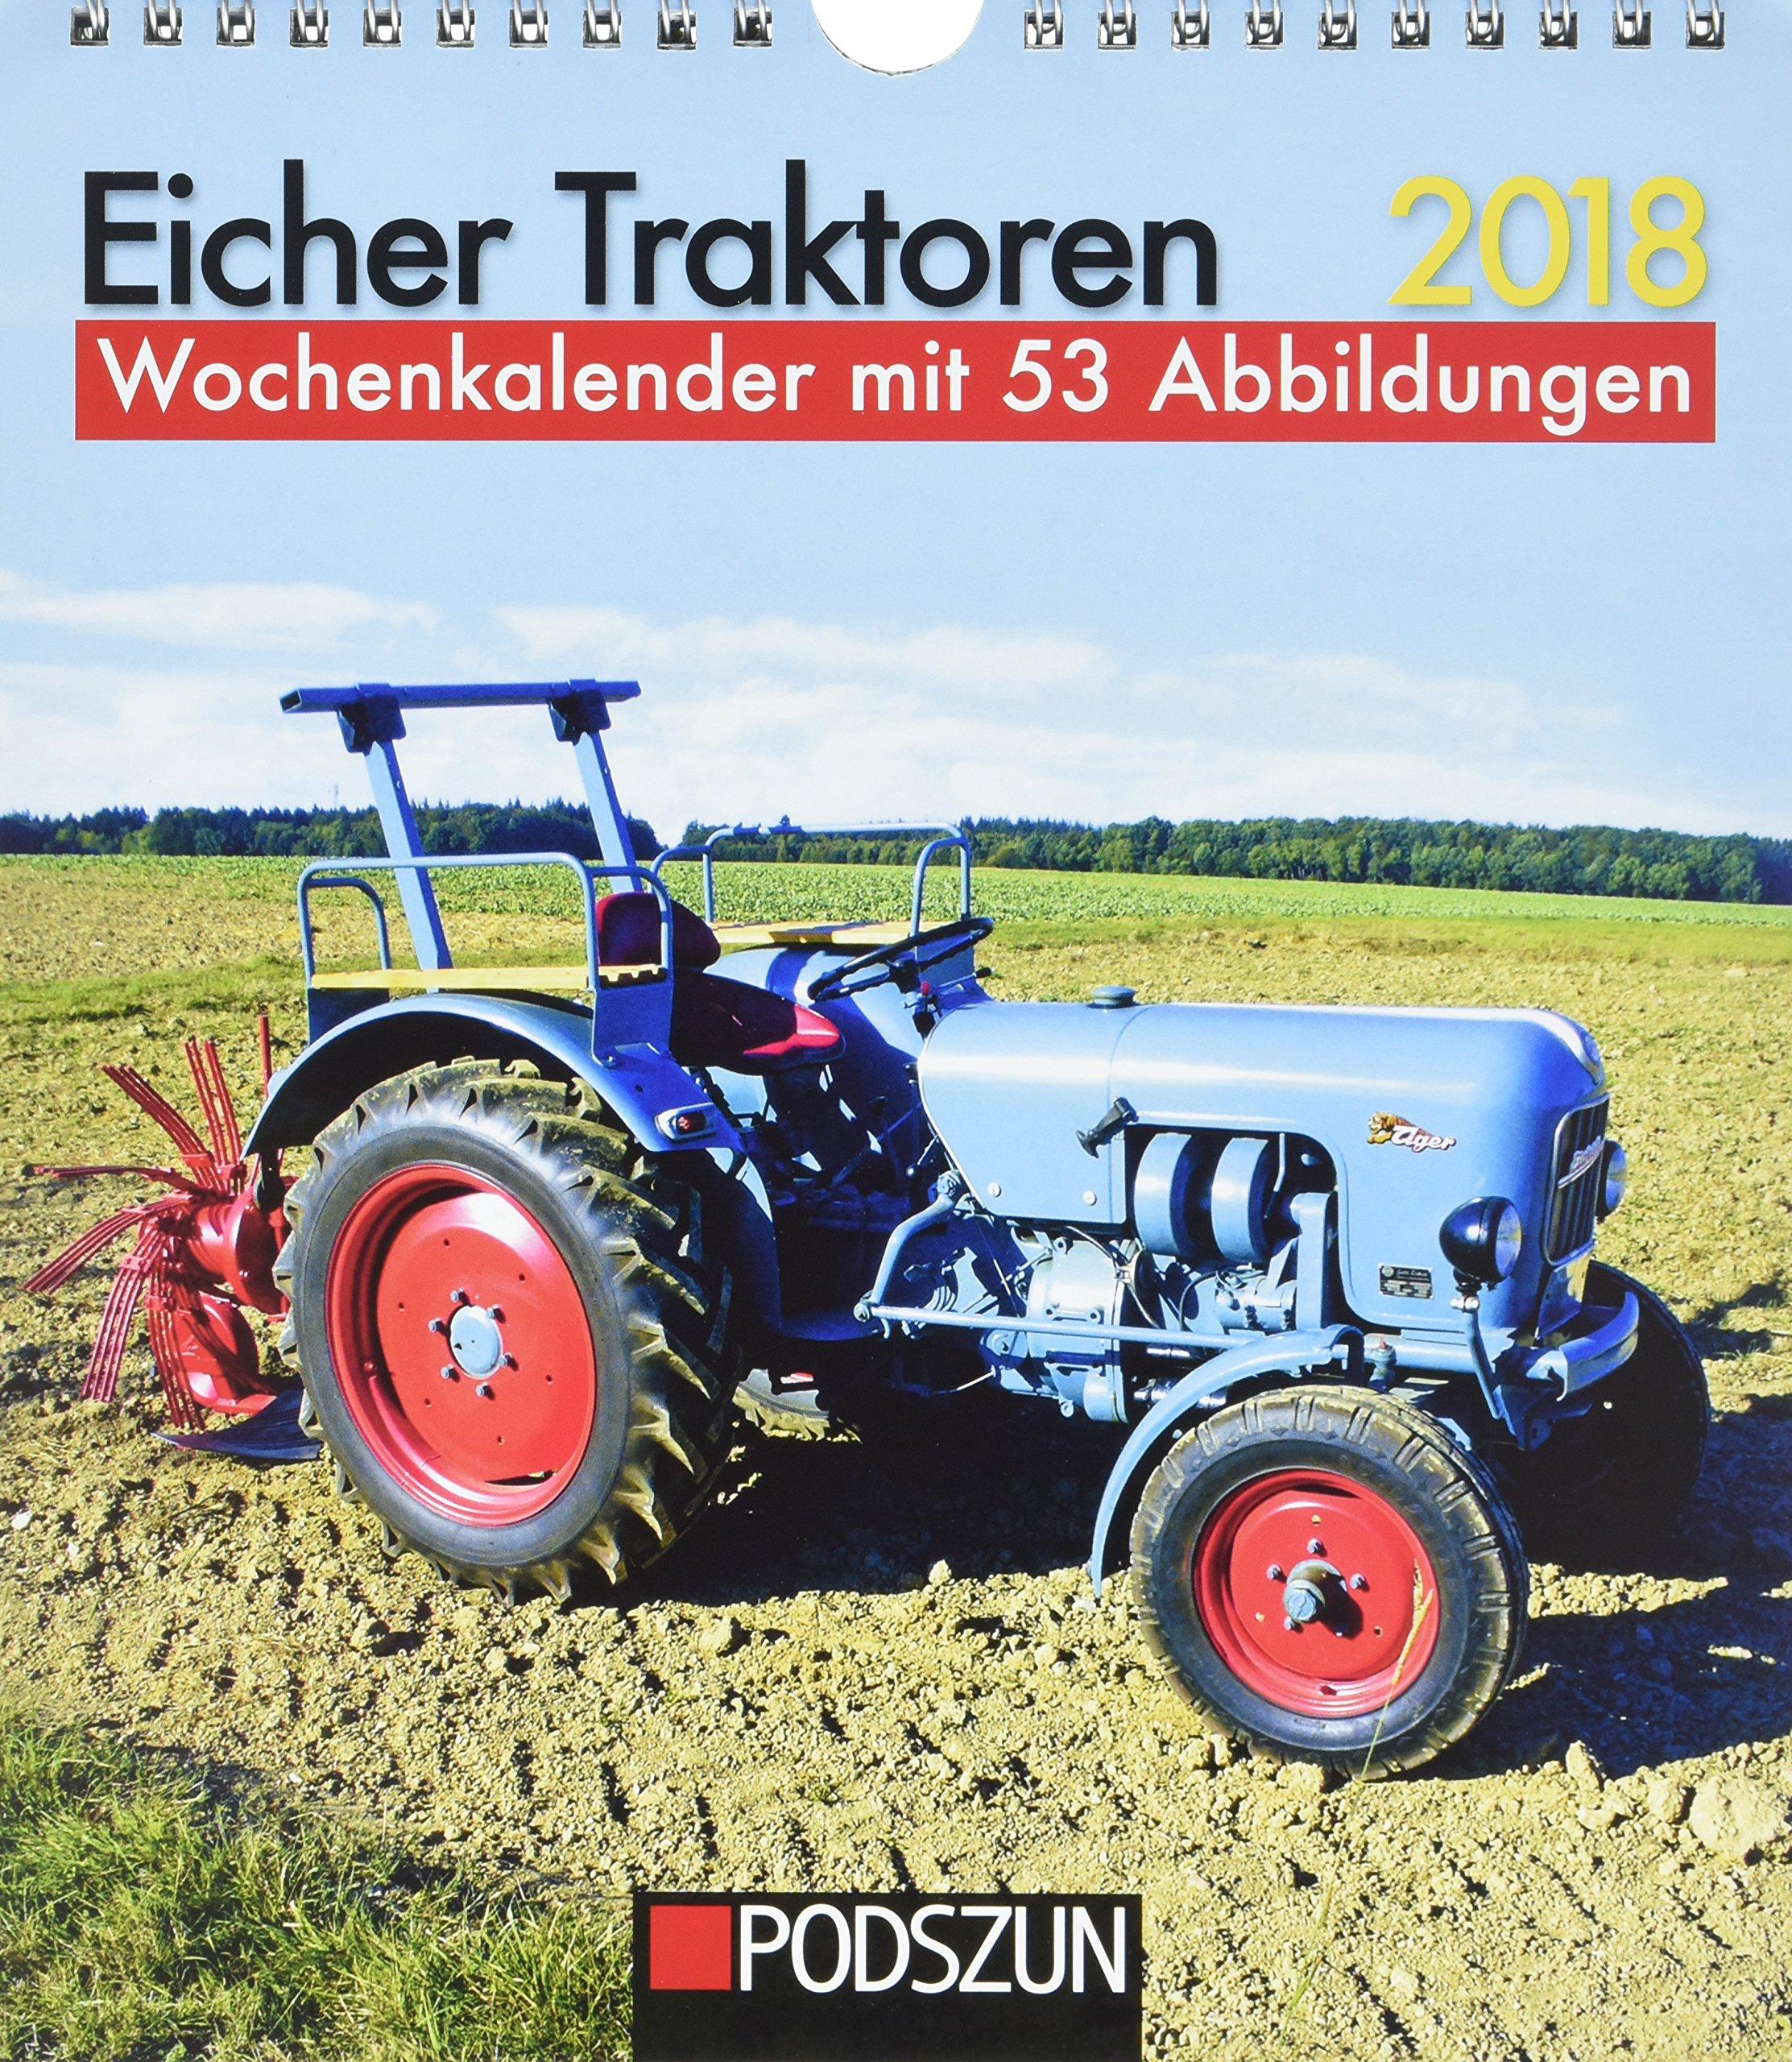 Eicher Traktoren 2018